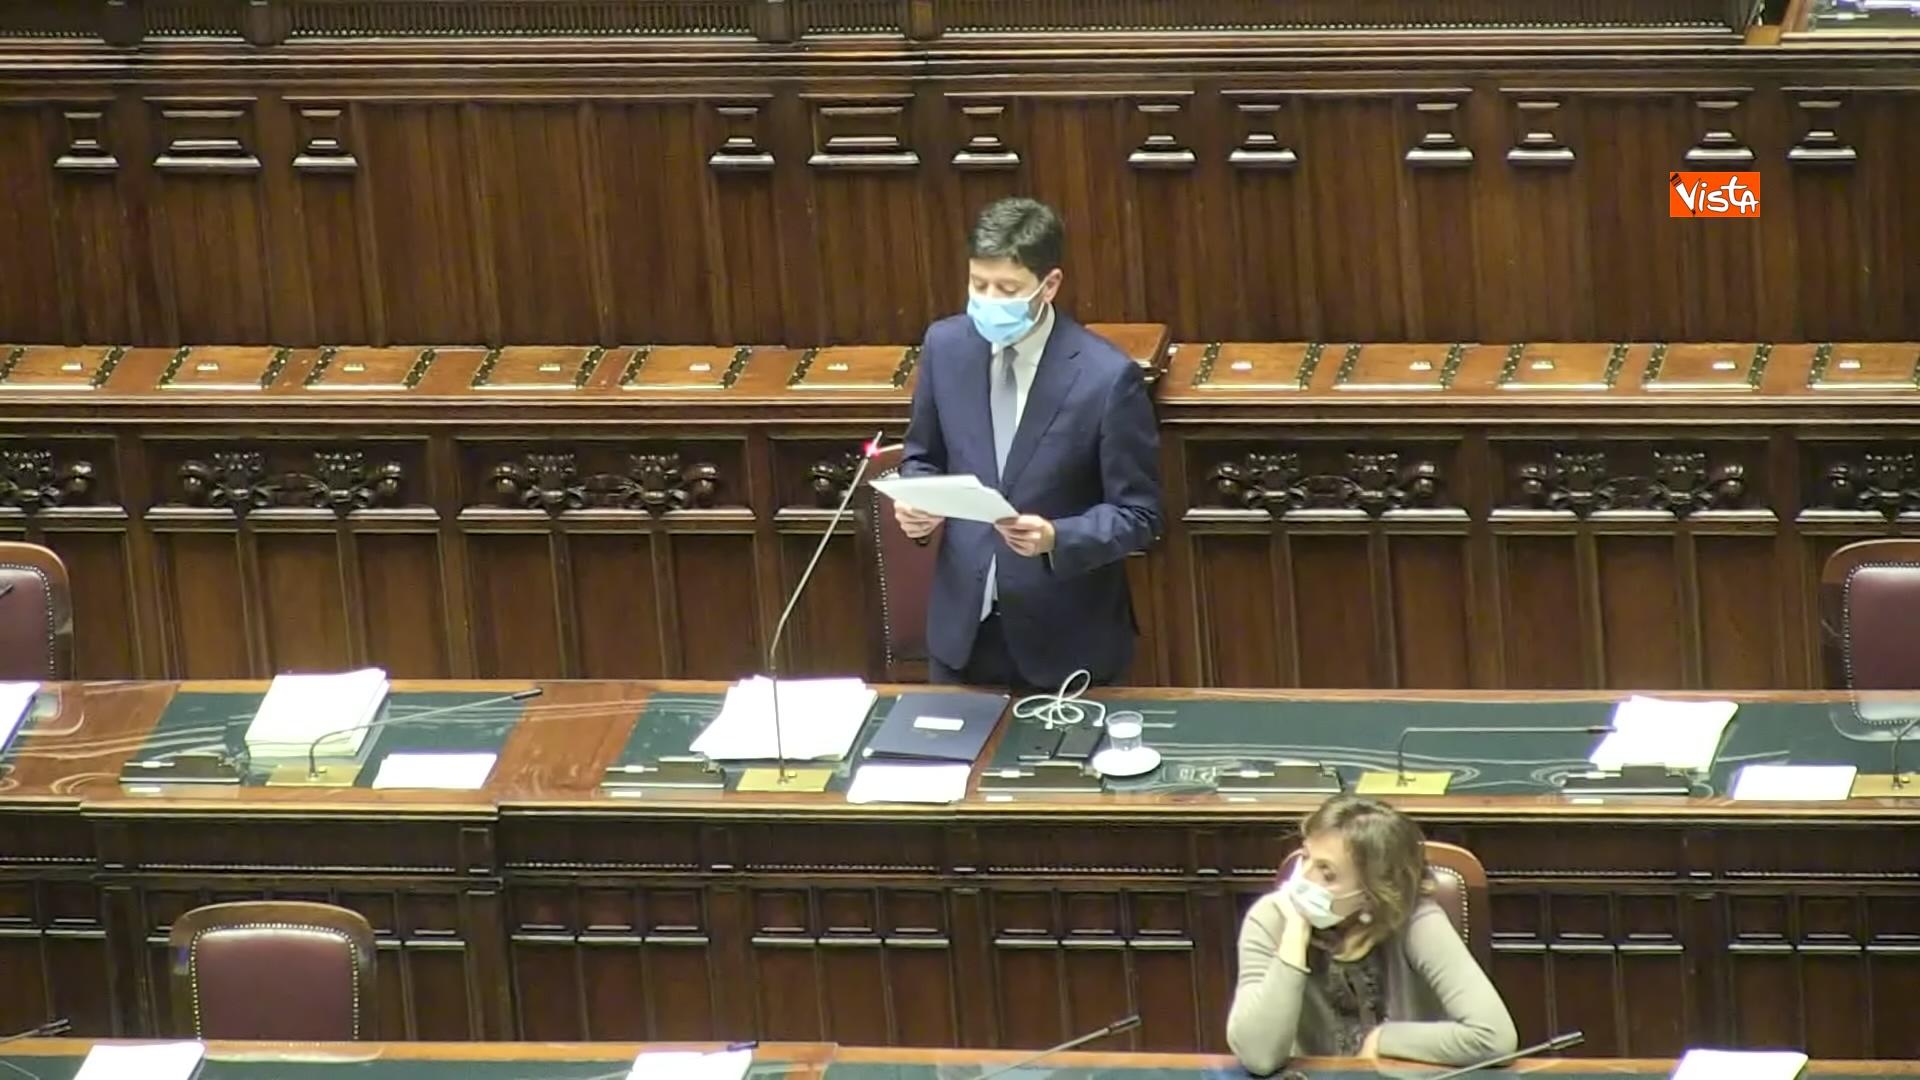 02-12-20 Il ministro Speranza riferisce alla Camera su piano vaccini e nuovo Dpcm, le foto_03